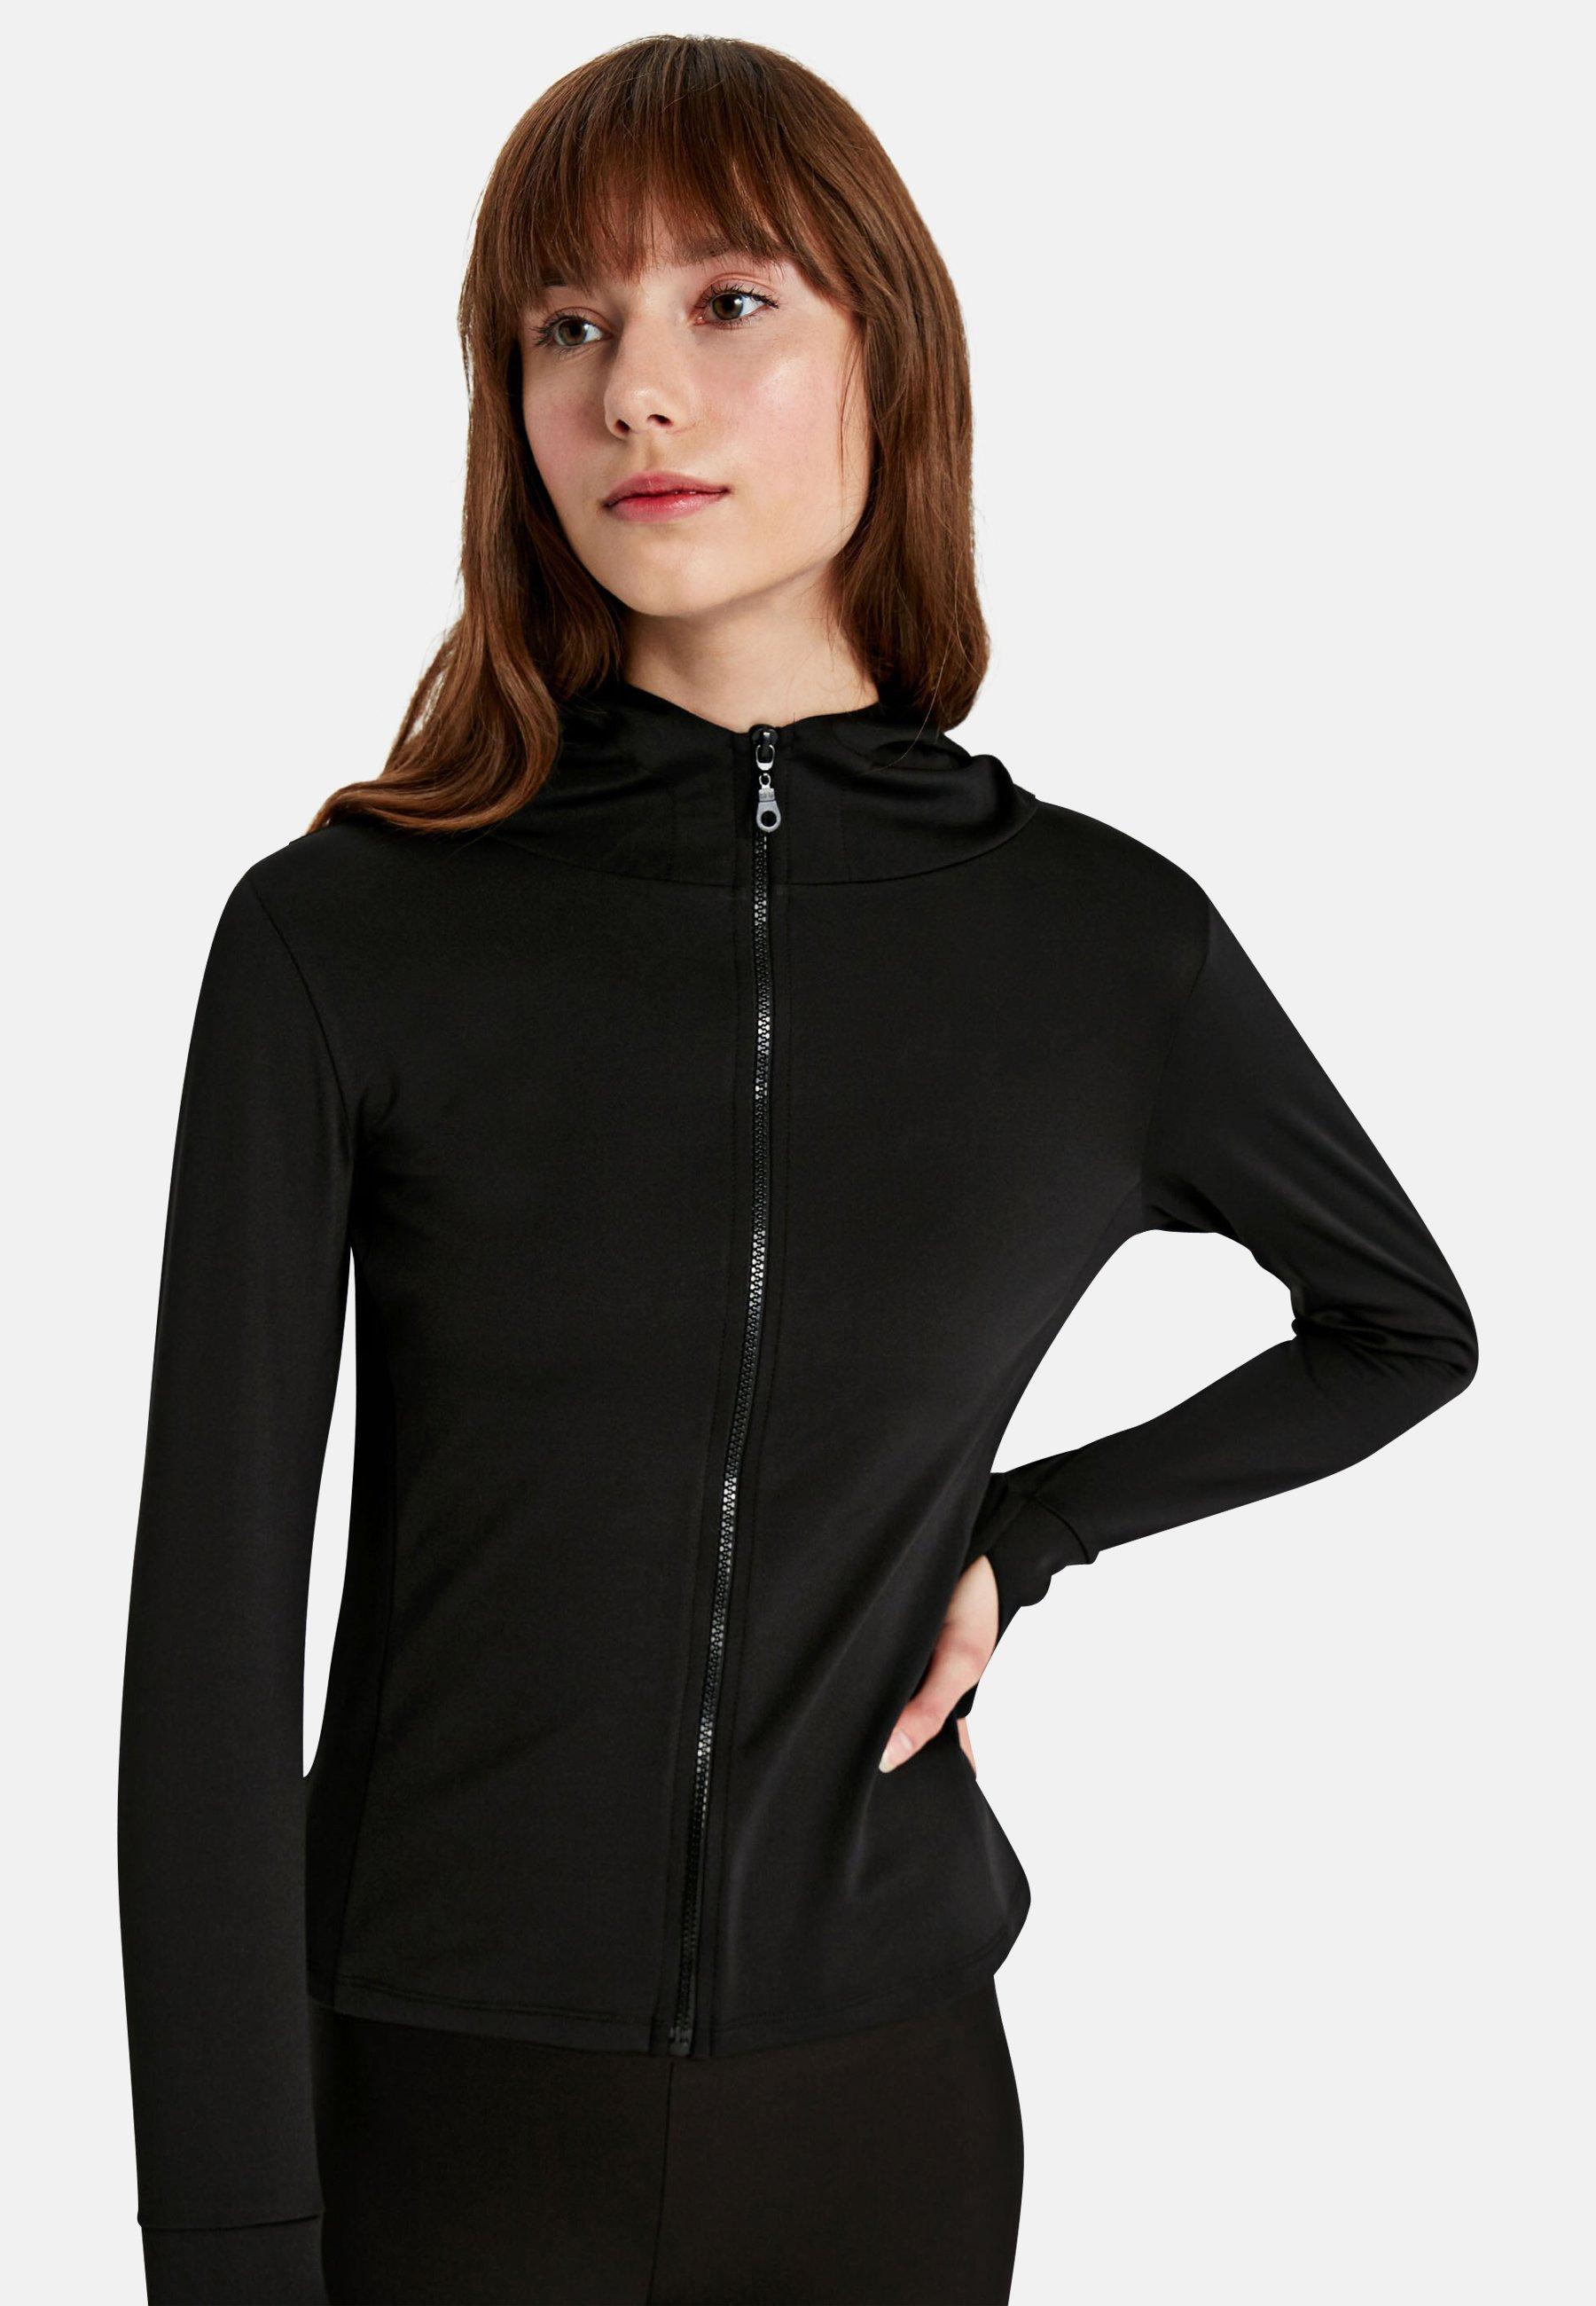 Damen AKTIV - Trainingsjacke